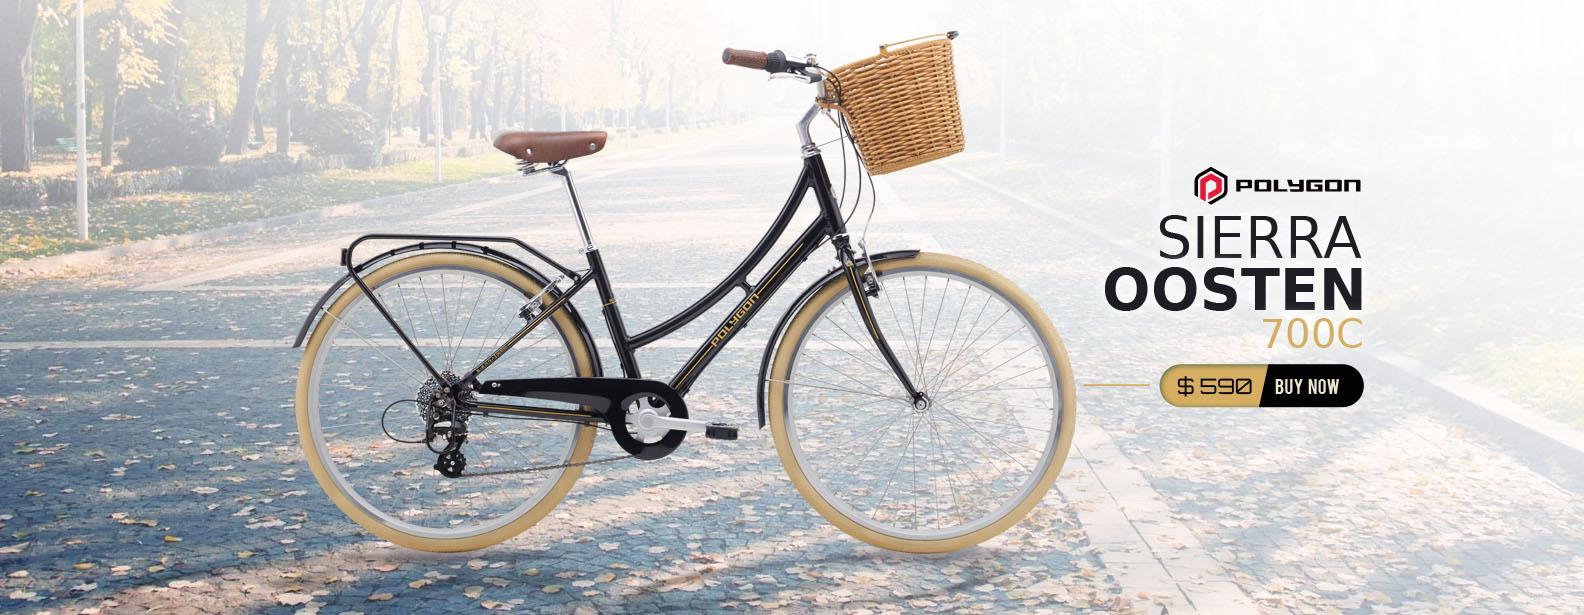 Polygon Sierra Oosten City Bike